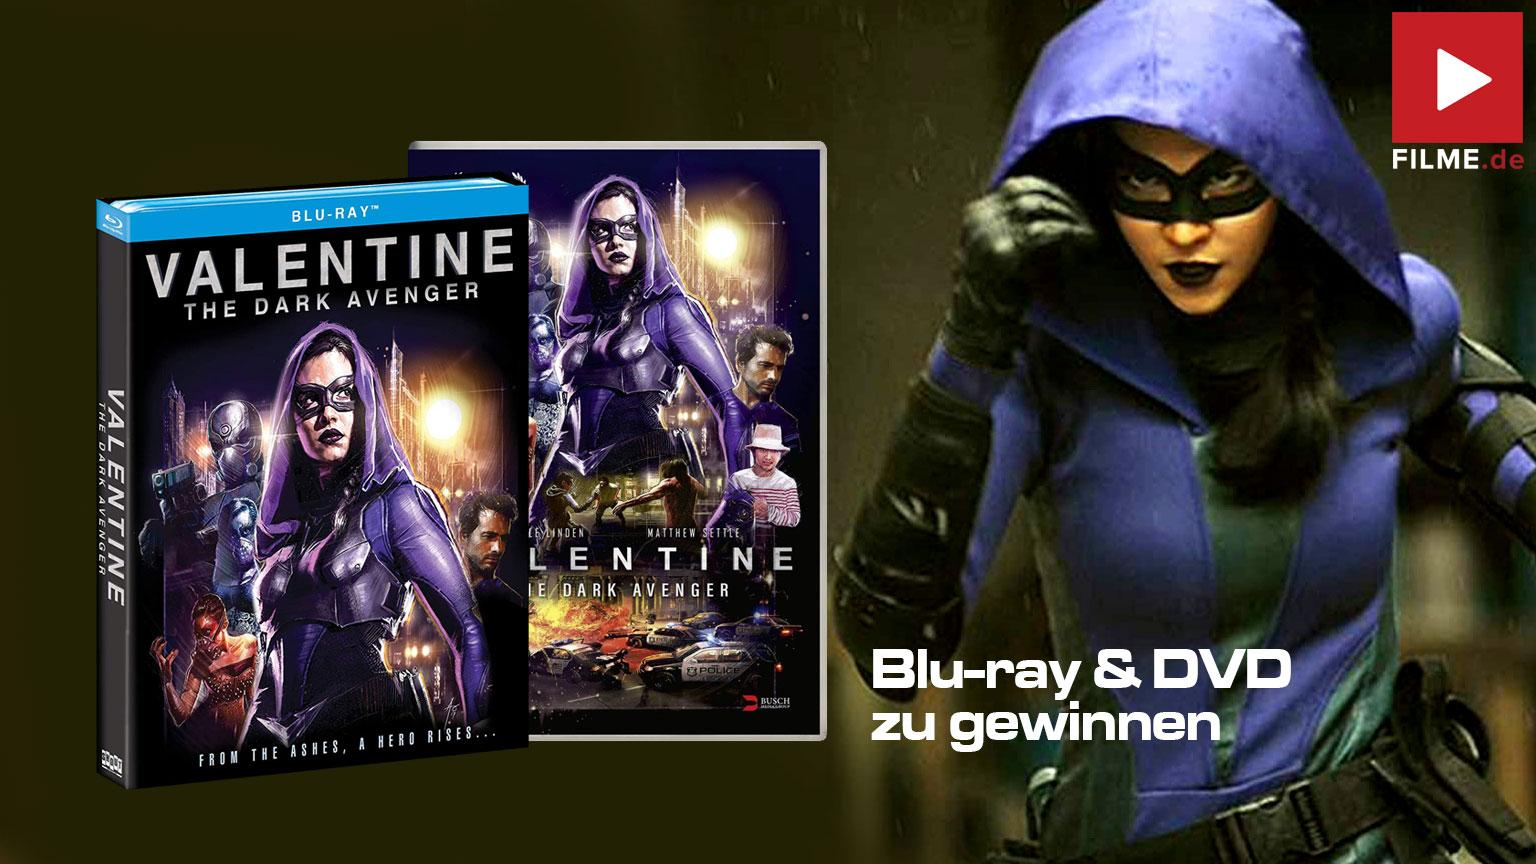 Valentine the Dark Avenger Film 2020 Gewinnspiel gewinnen shop kaufen Artikelbild